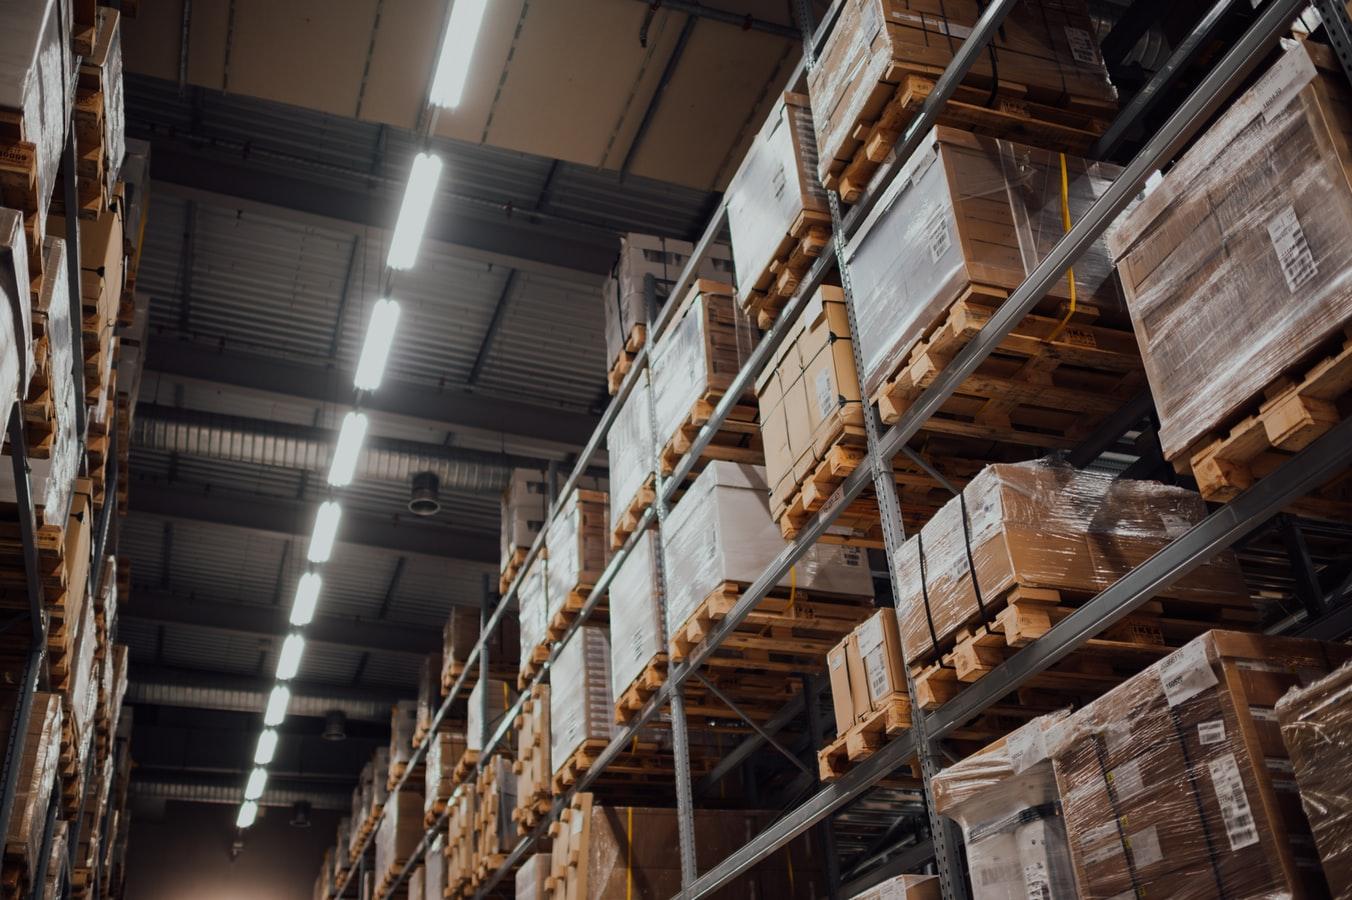 Dịch vụ và cách thức ship hàng từ Mỹ về Việt Nam của Xanh Logistics